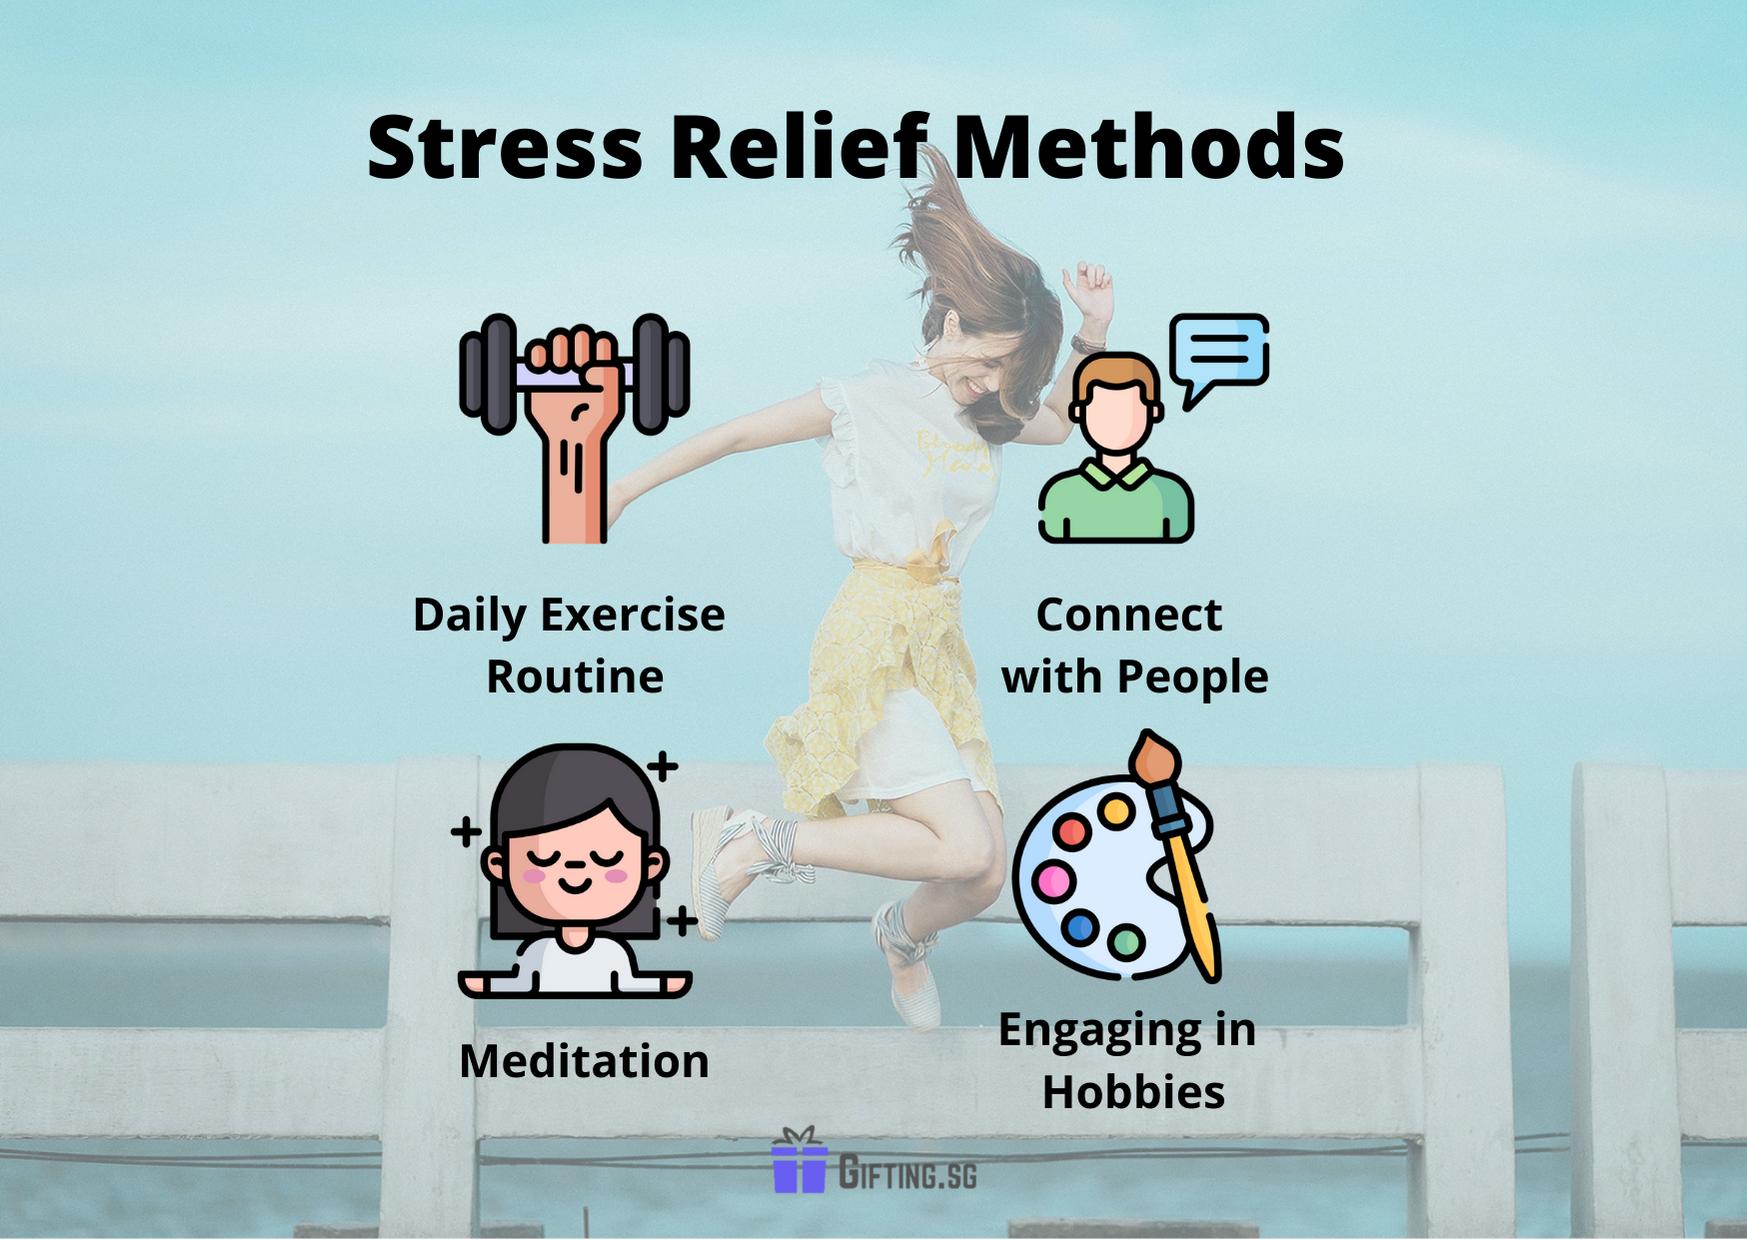 Stress Relief Methods